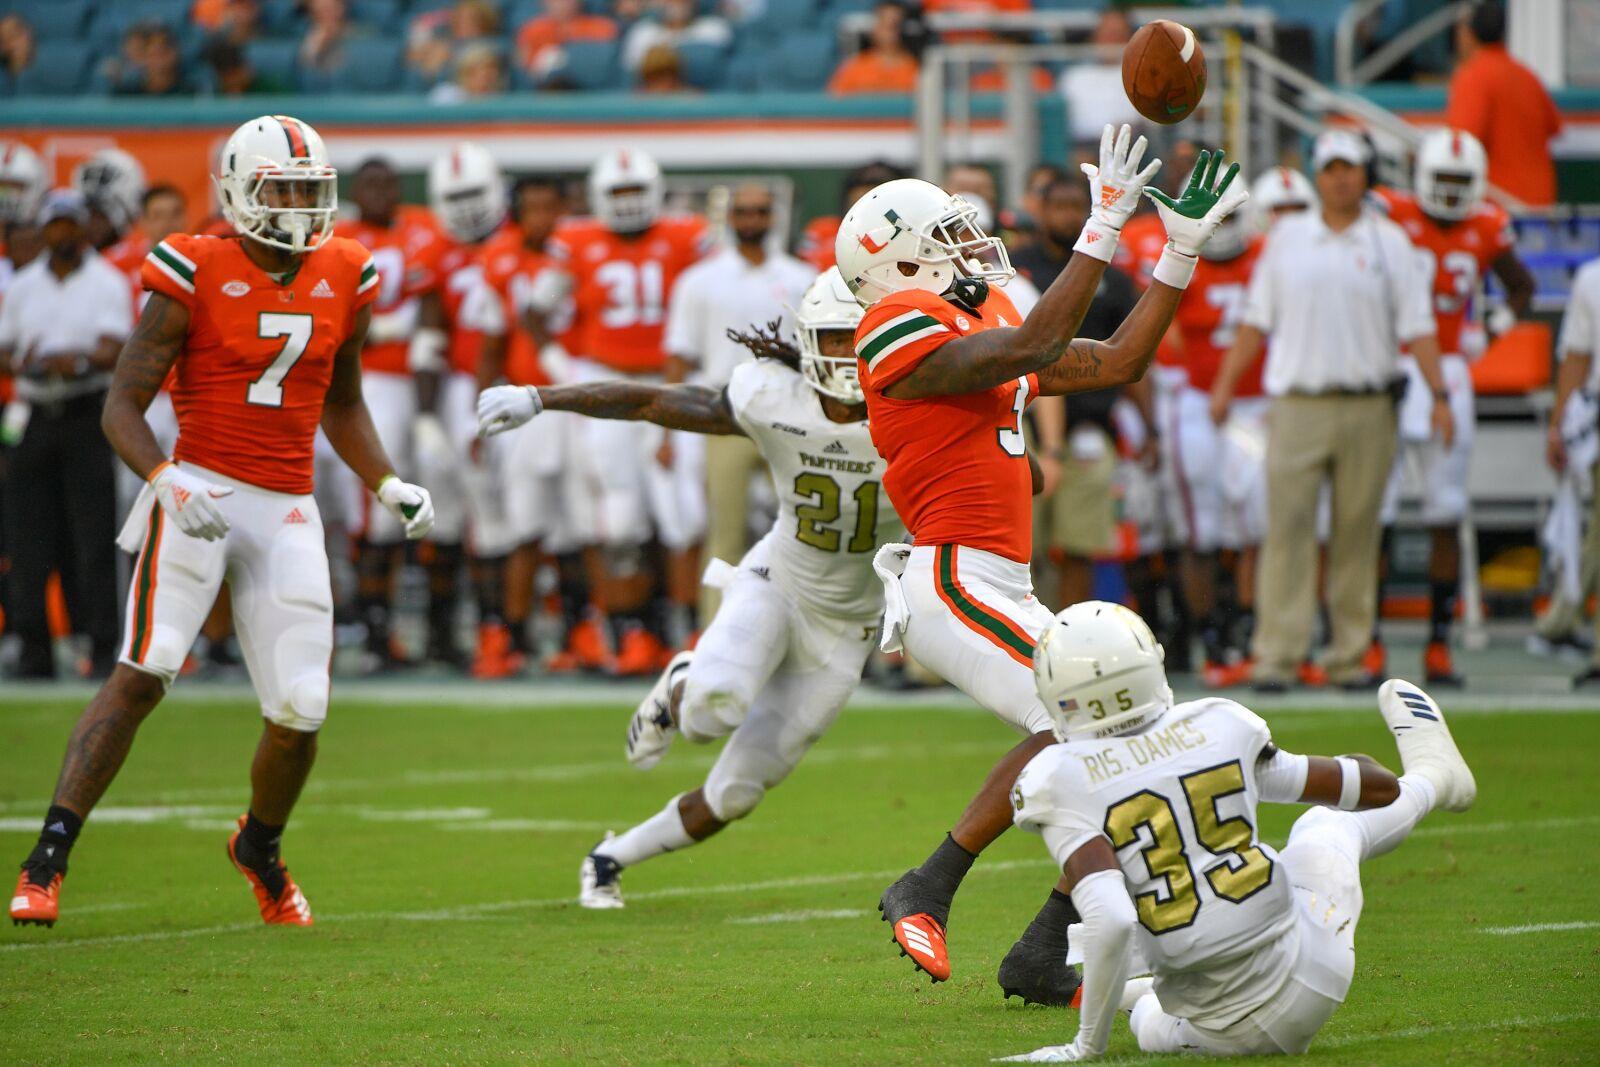 Fiu Will Host Miami Football November 23 At Marlins Stadium